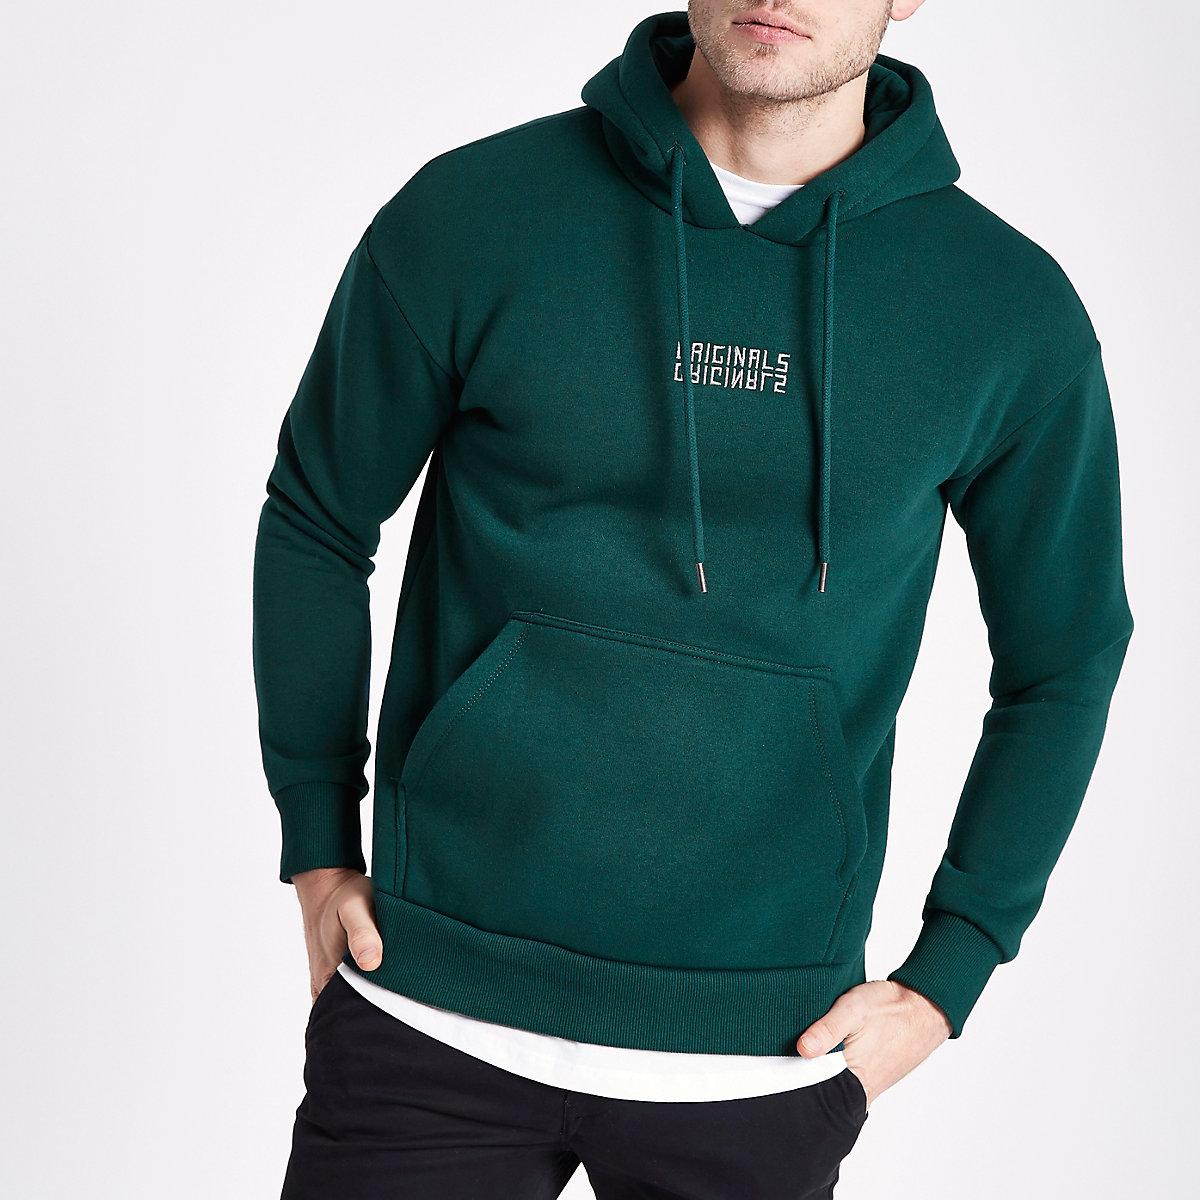 Jack & Jones Originals green hoodie